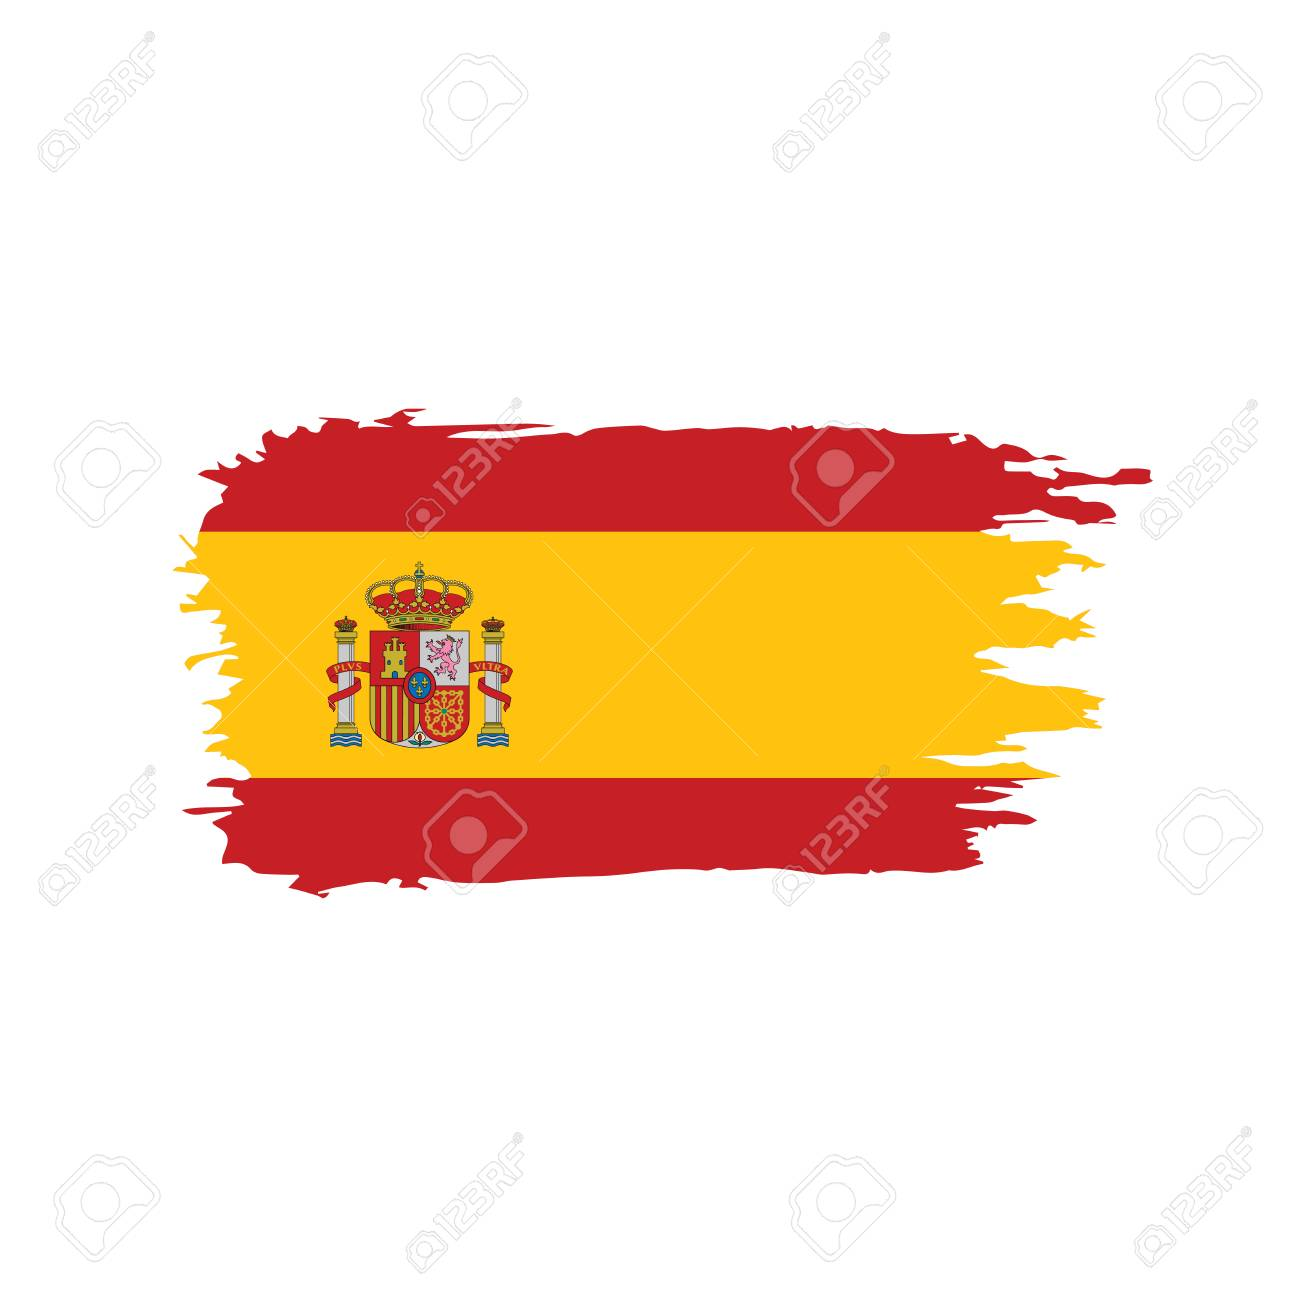 Spain flag on white background, vector illustration. - 96645207